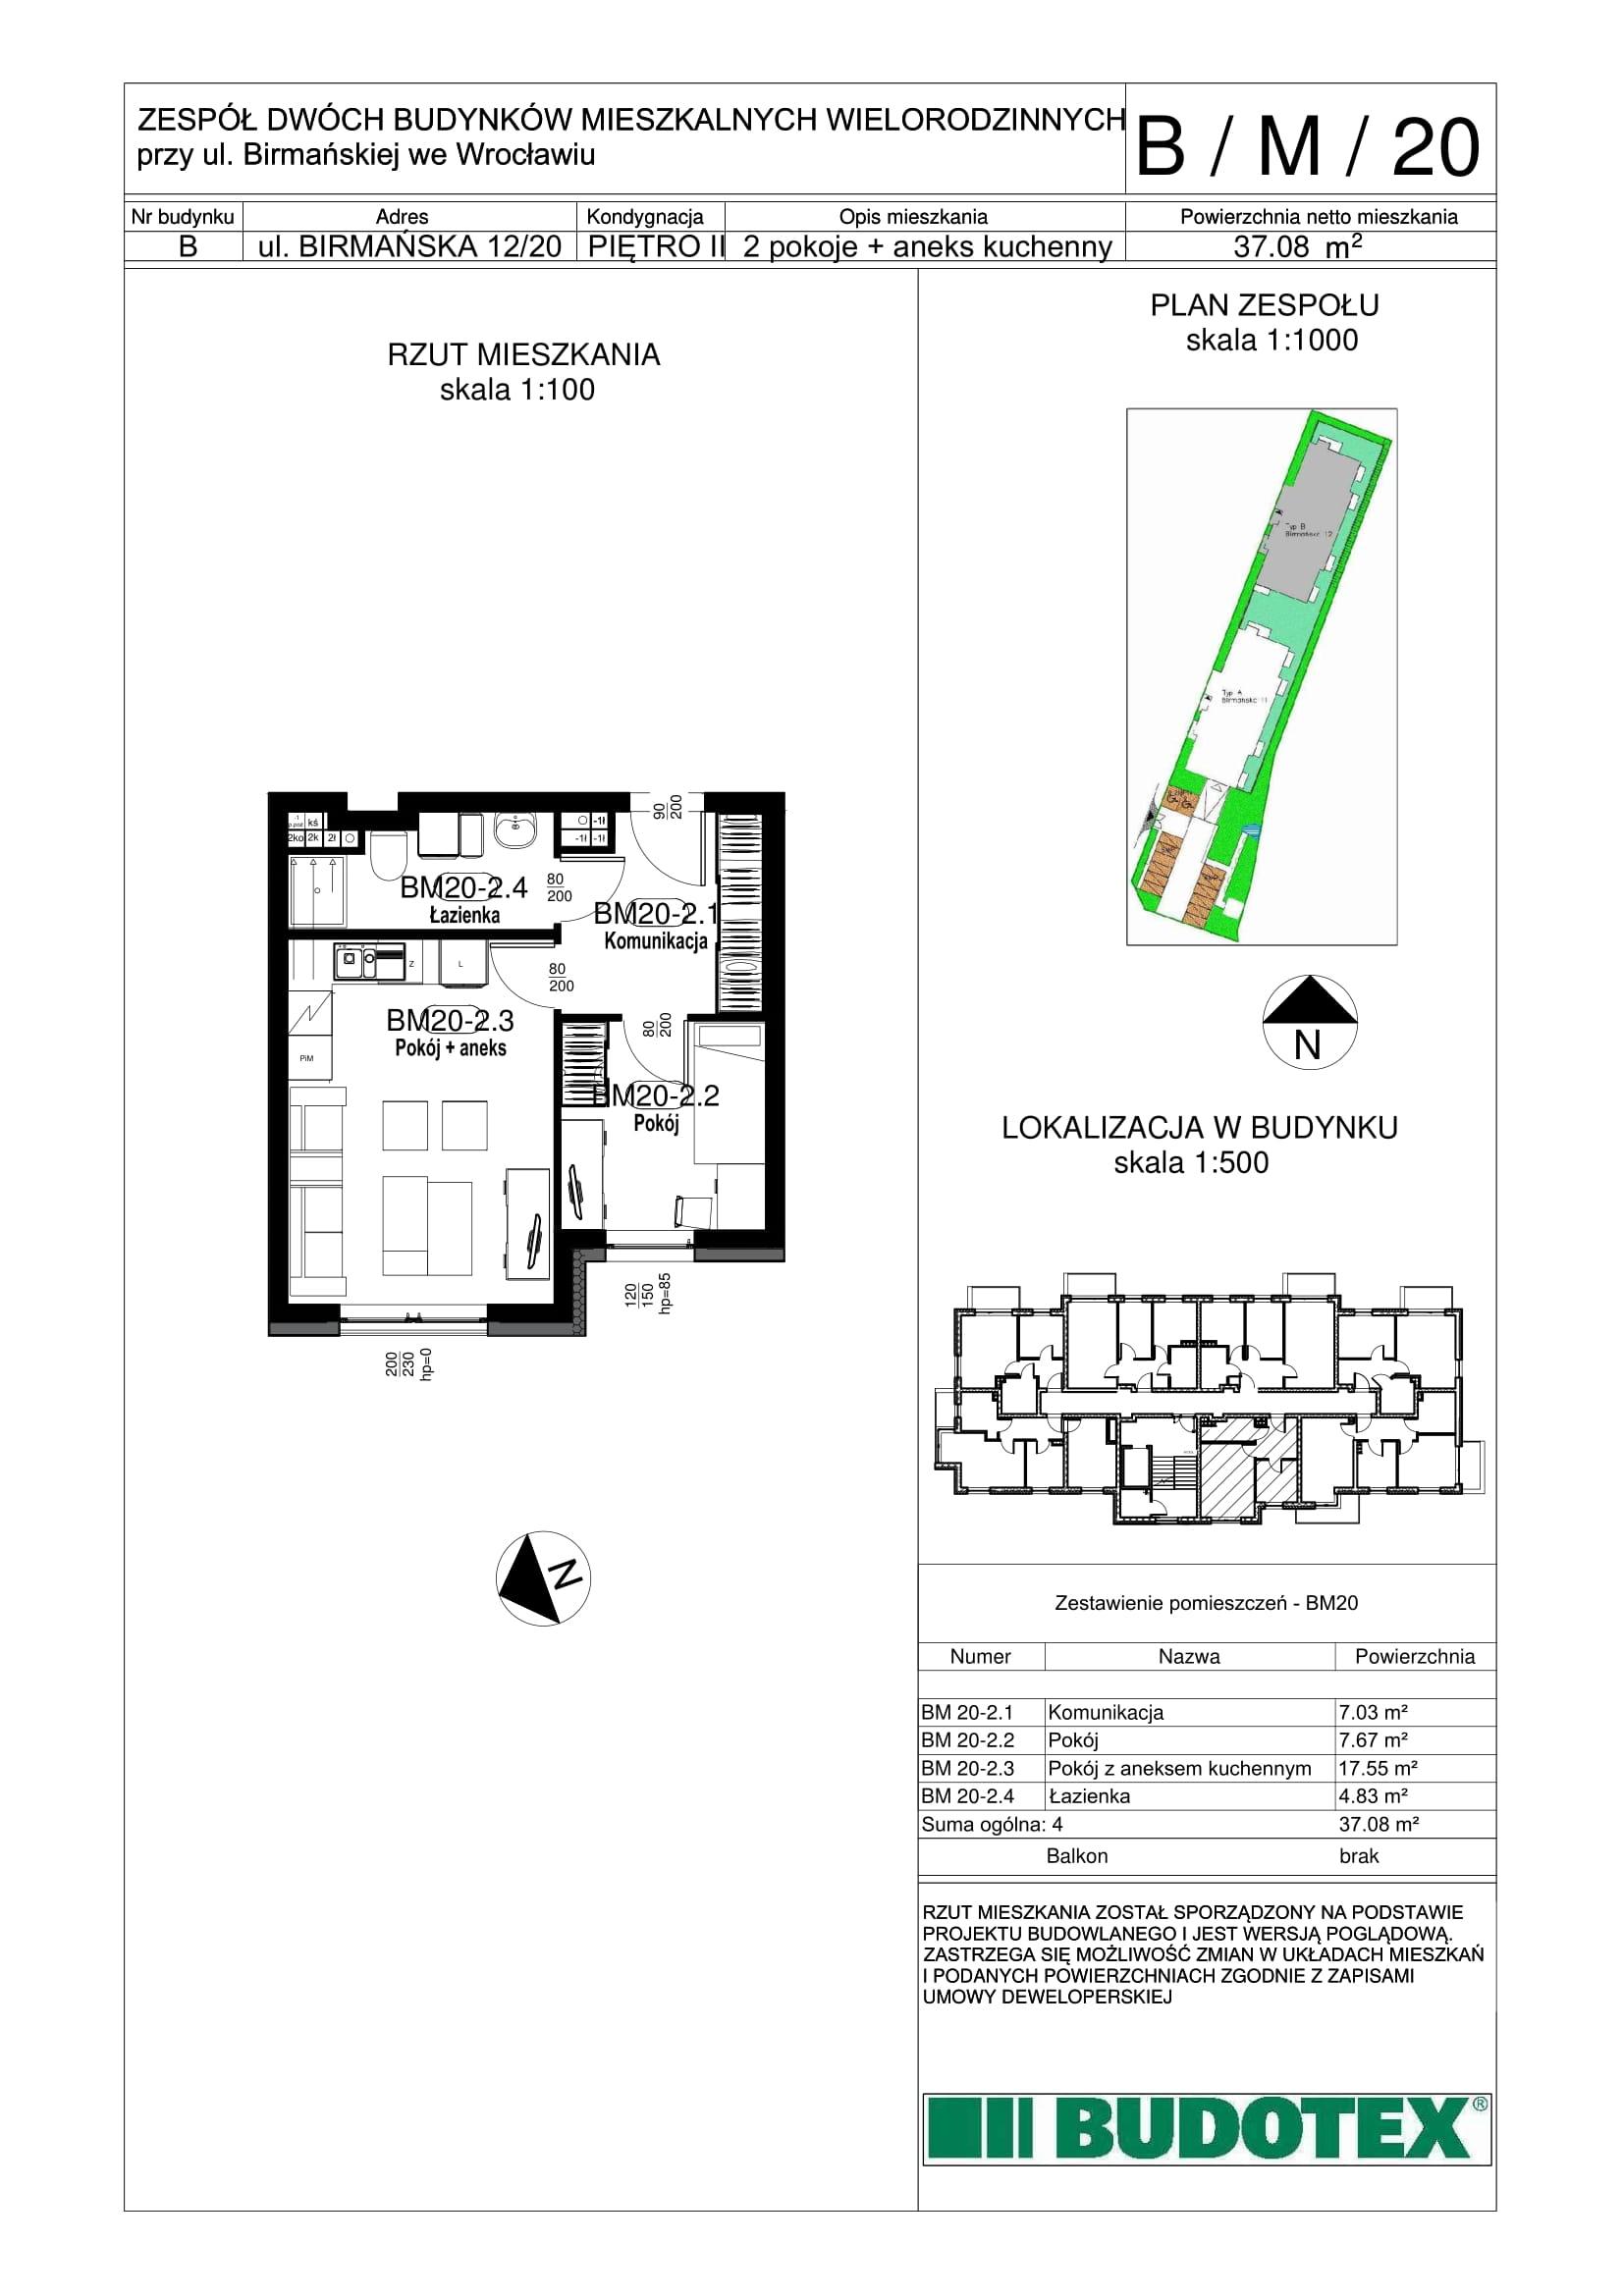 Mieszkanie nr B/M/20